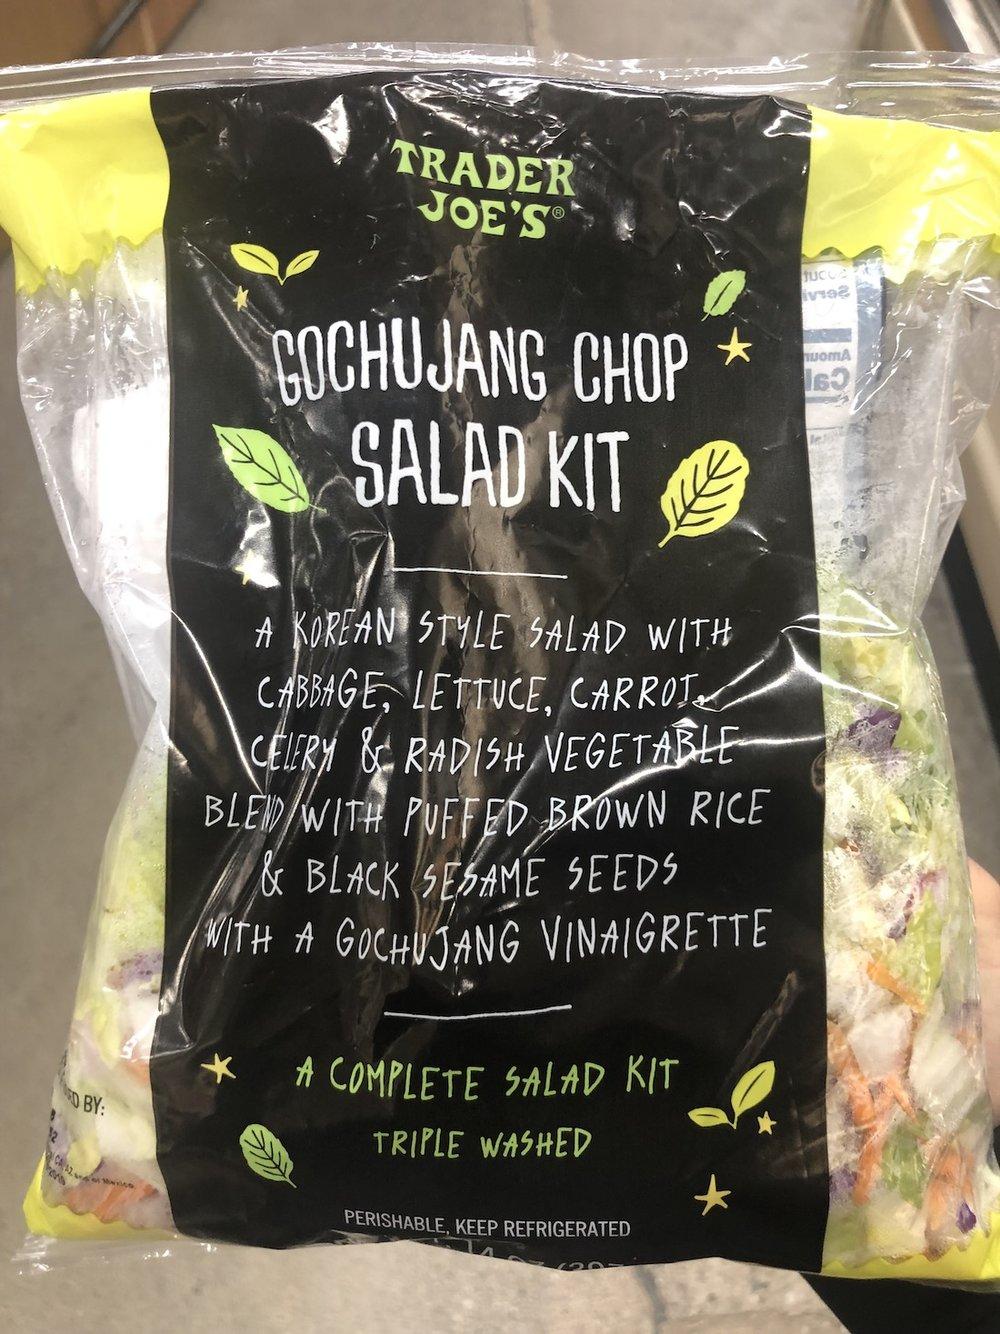 Trader Joe's Gochujang Chop Salad Kit